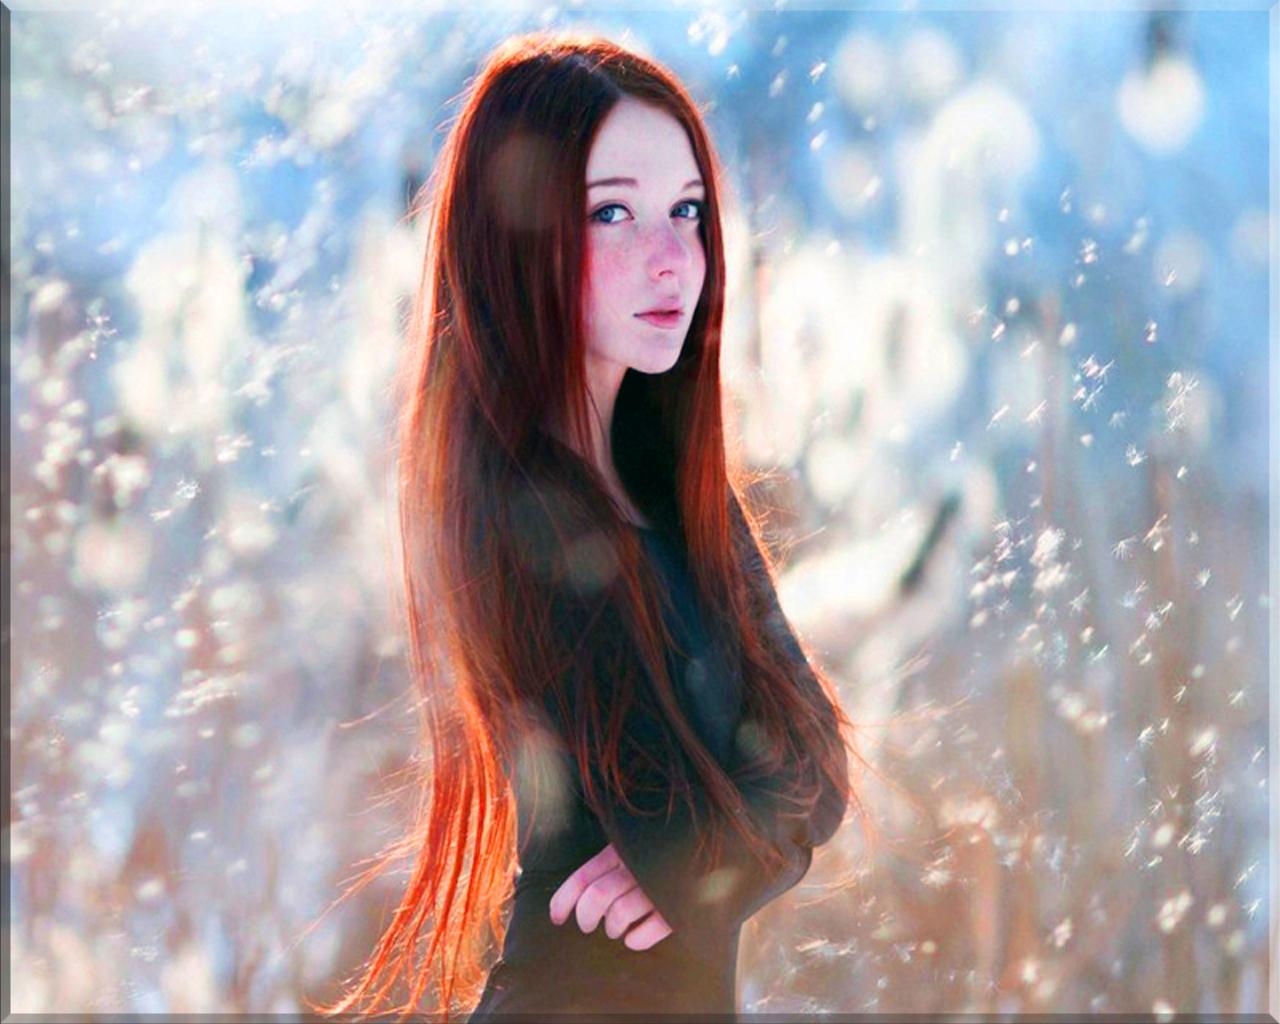 Beautiful redhead models wallpaper